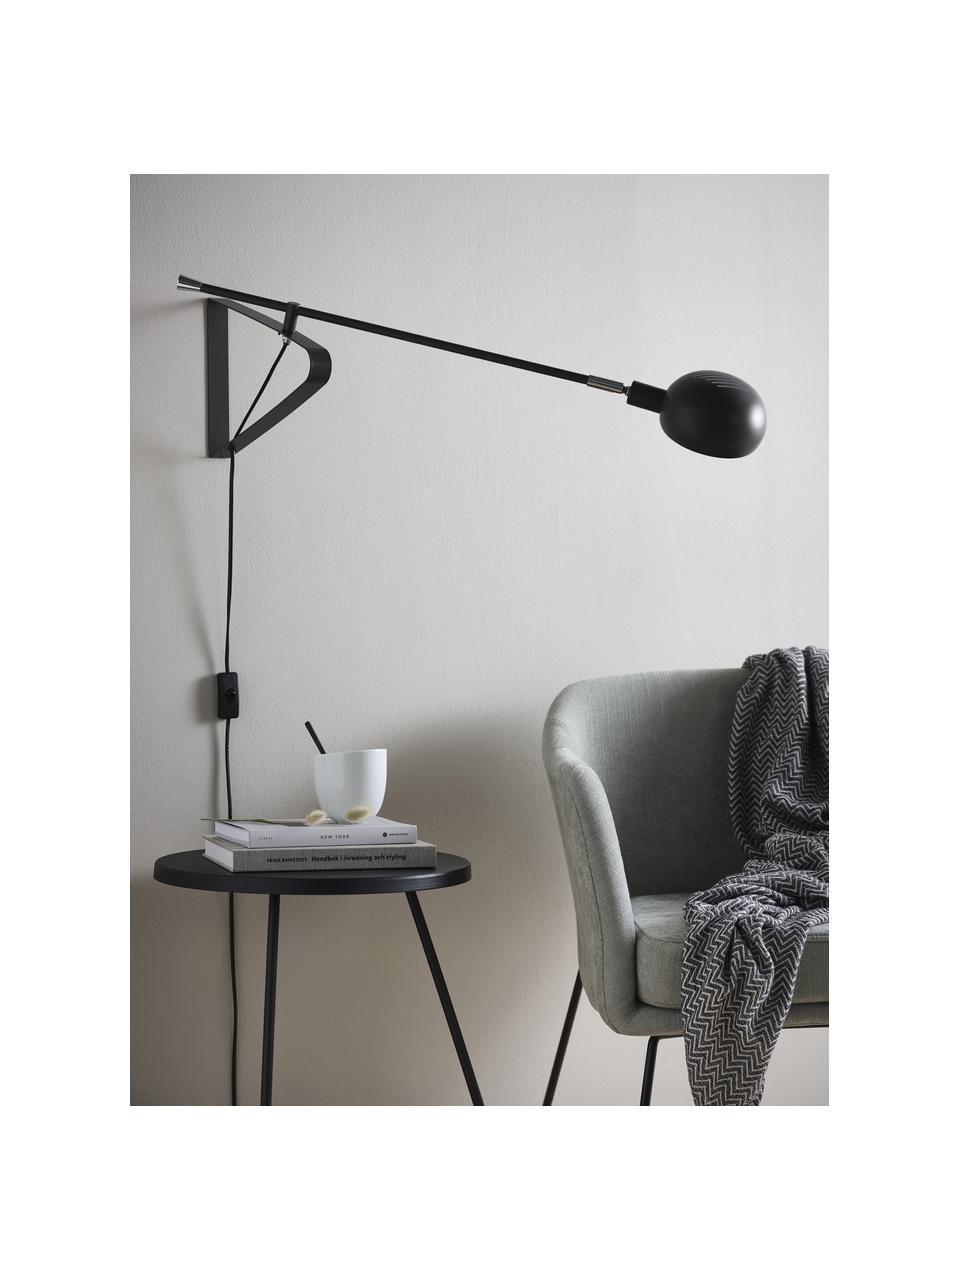 Große Wandleuchte Lincon mit Stecker, Lampenschirm: Metall, lackiert, Dekor: Metall, Schwarz, 80 x 21 cm